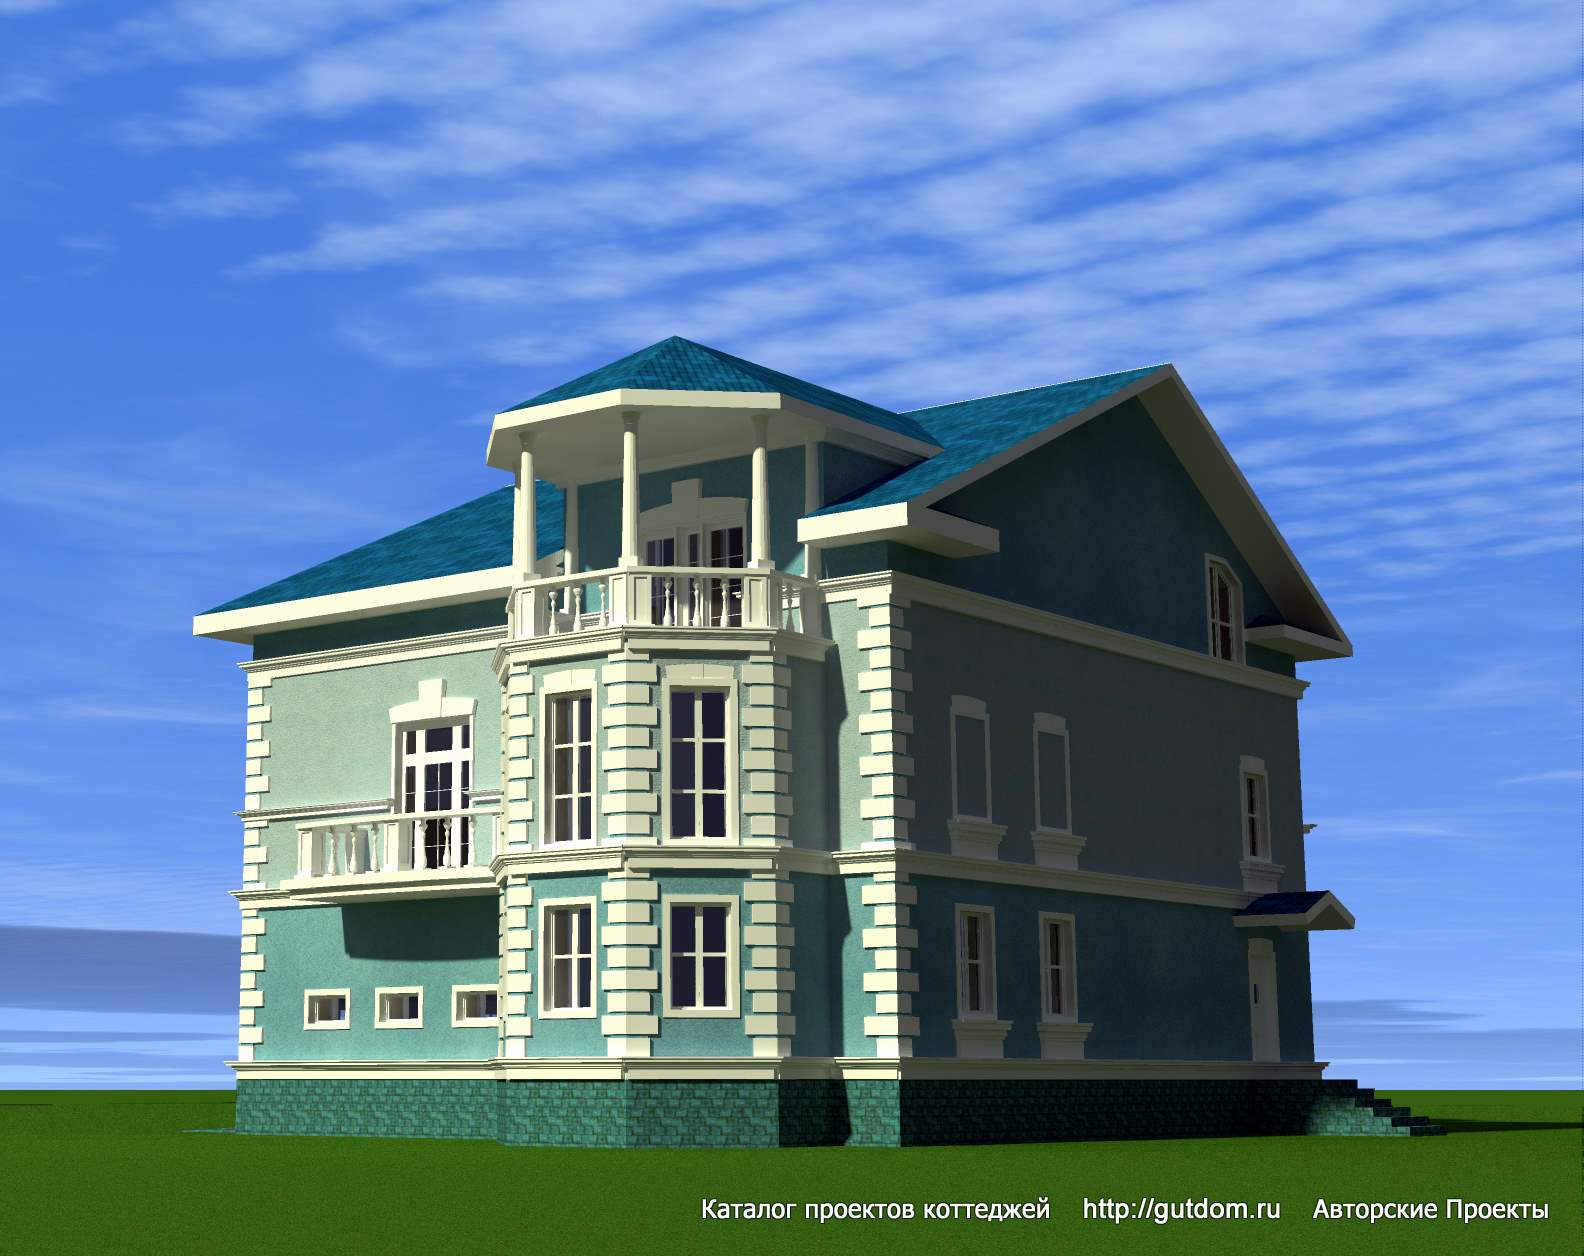 Дом двухэтажный с мансардой и цоколем 426,8 м2 эскизный прое.